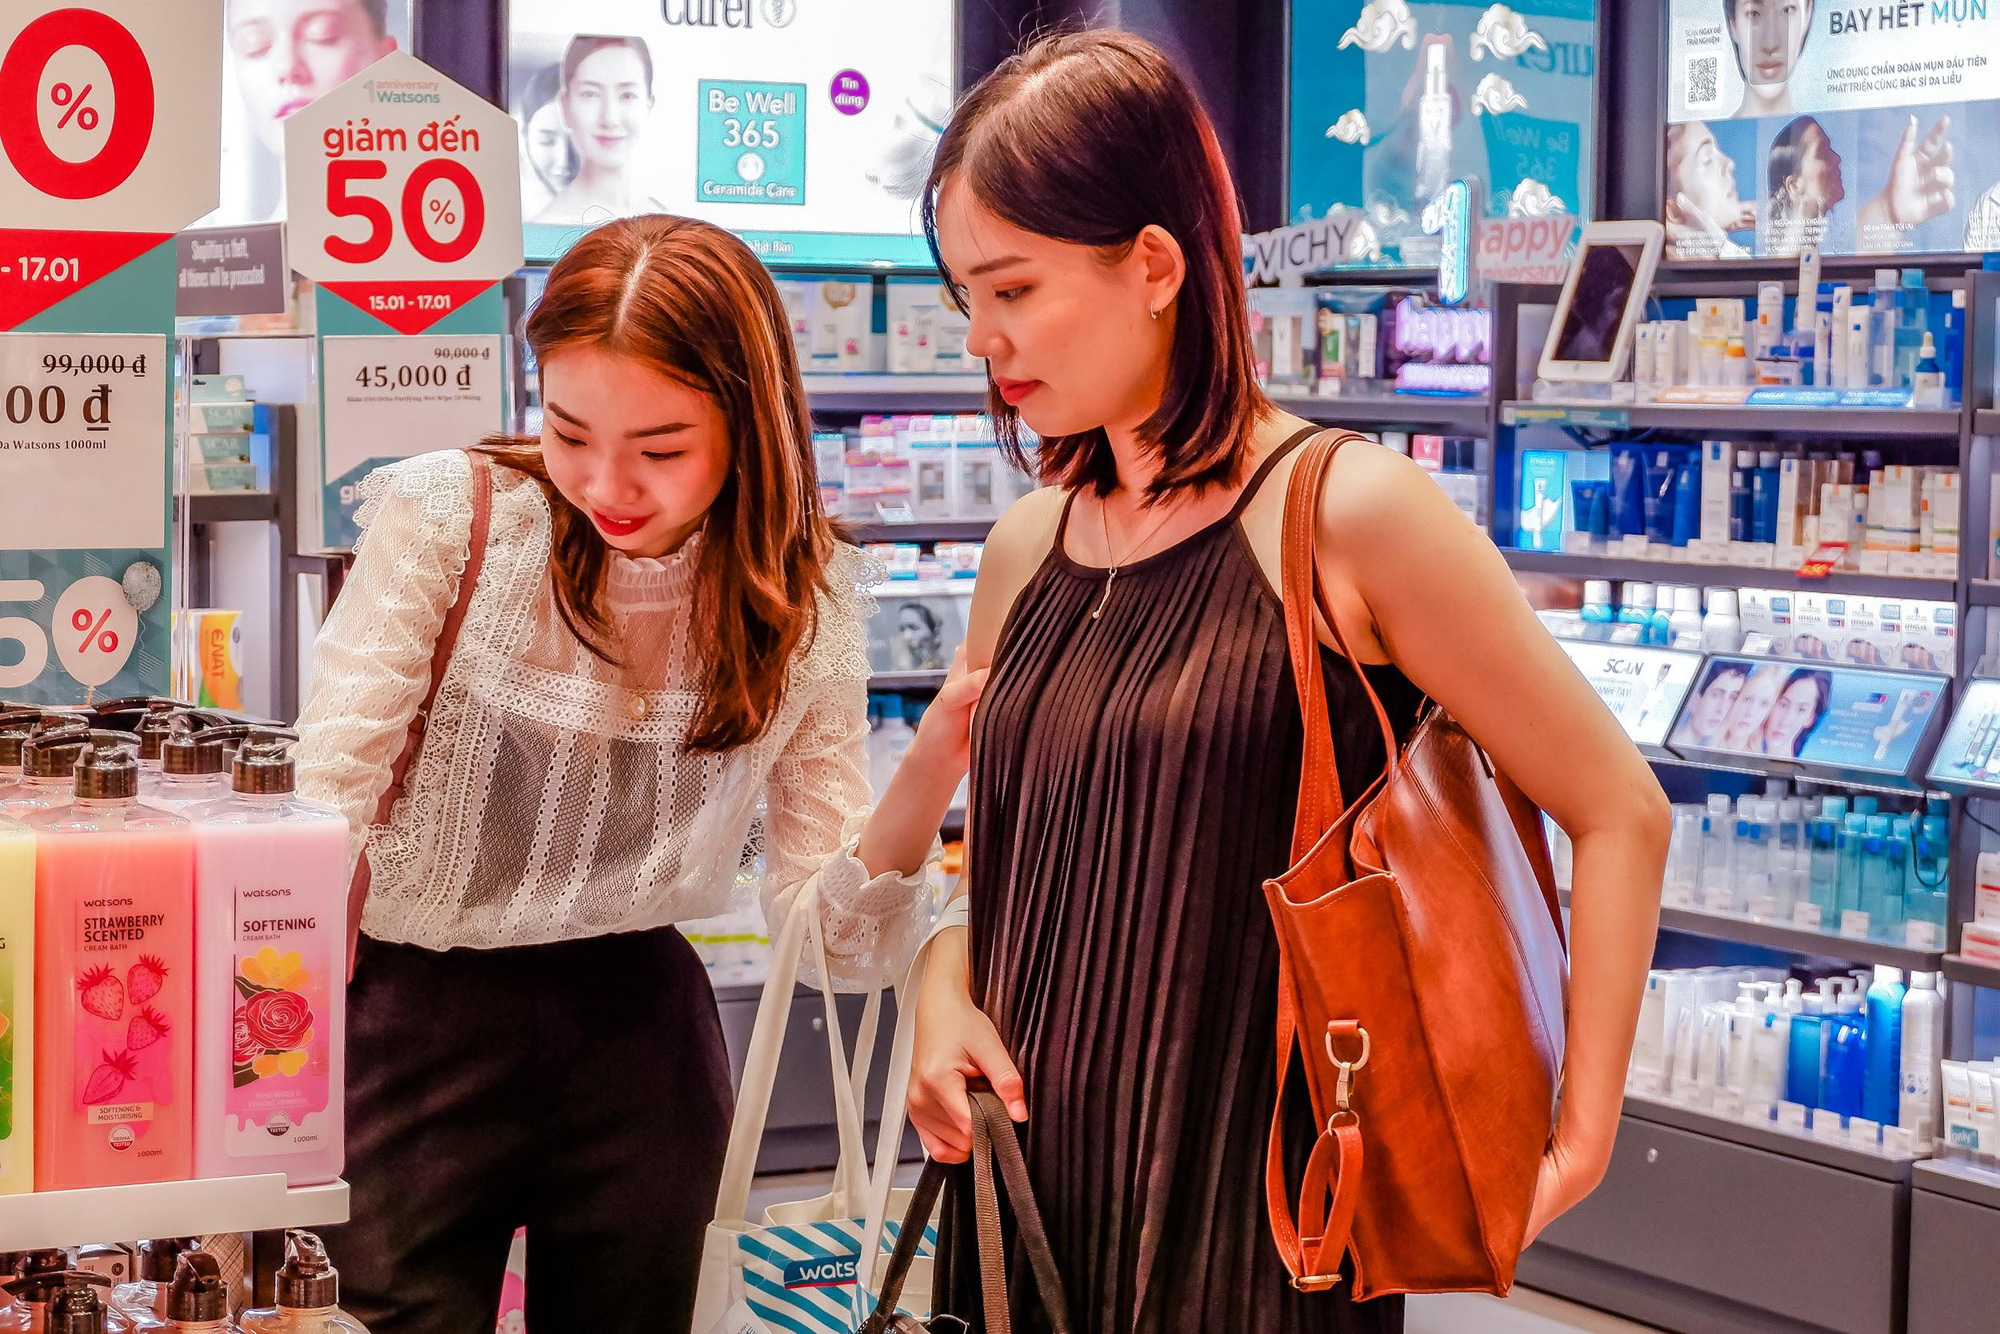 Kỷ niệm 1 năm có mặt tại Việt Nam, Watsons tri ân khách hàng với Private Sales xịn sò - Ảnh 2.